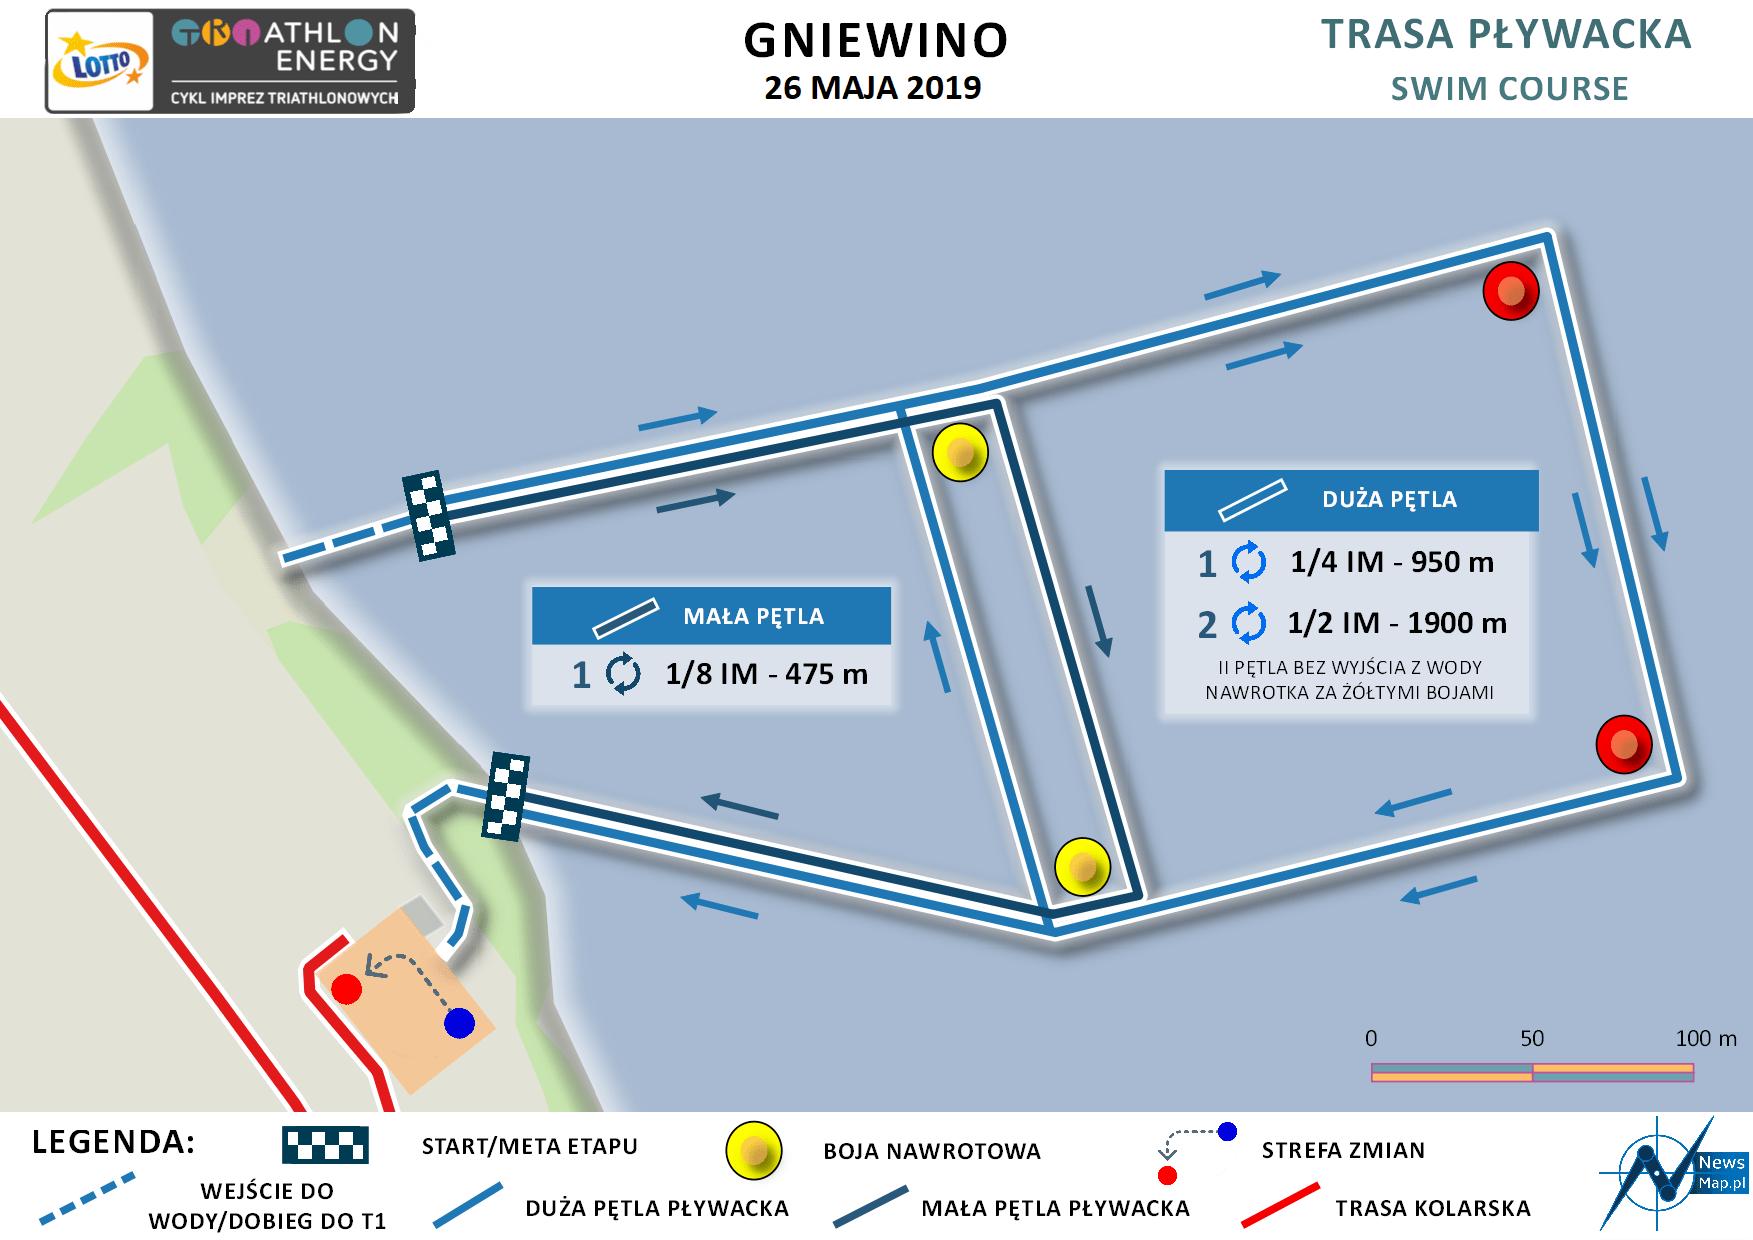 Mapa statyczna Gniewino Triathlon 2019 - pływanie (on-line)